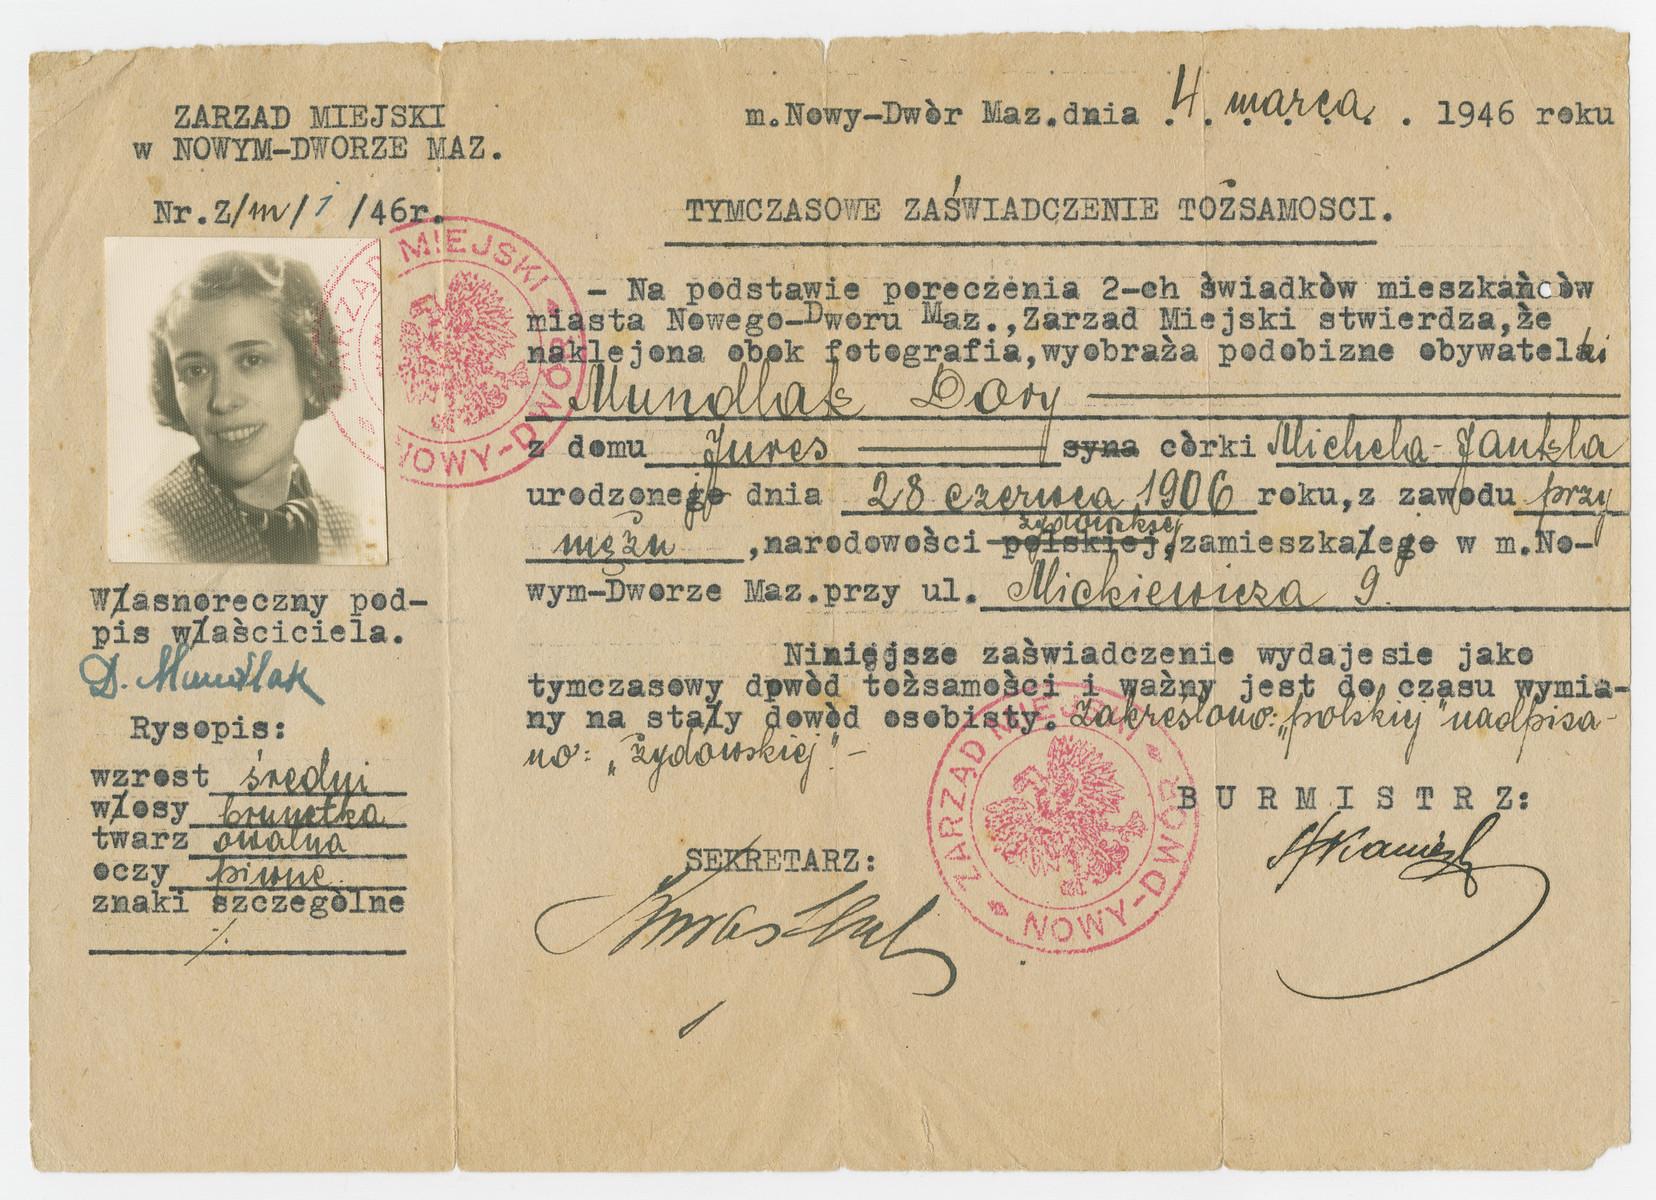 Postwar identification document issued to Dora Mundlak in Nowy Dwor, Poland.